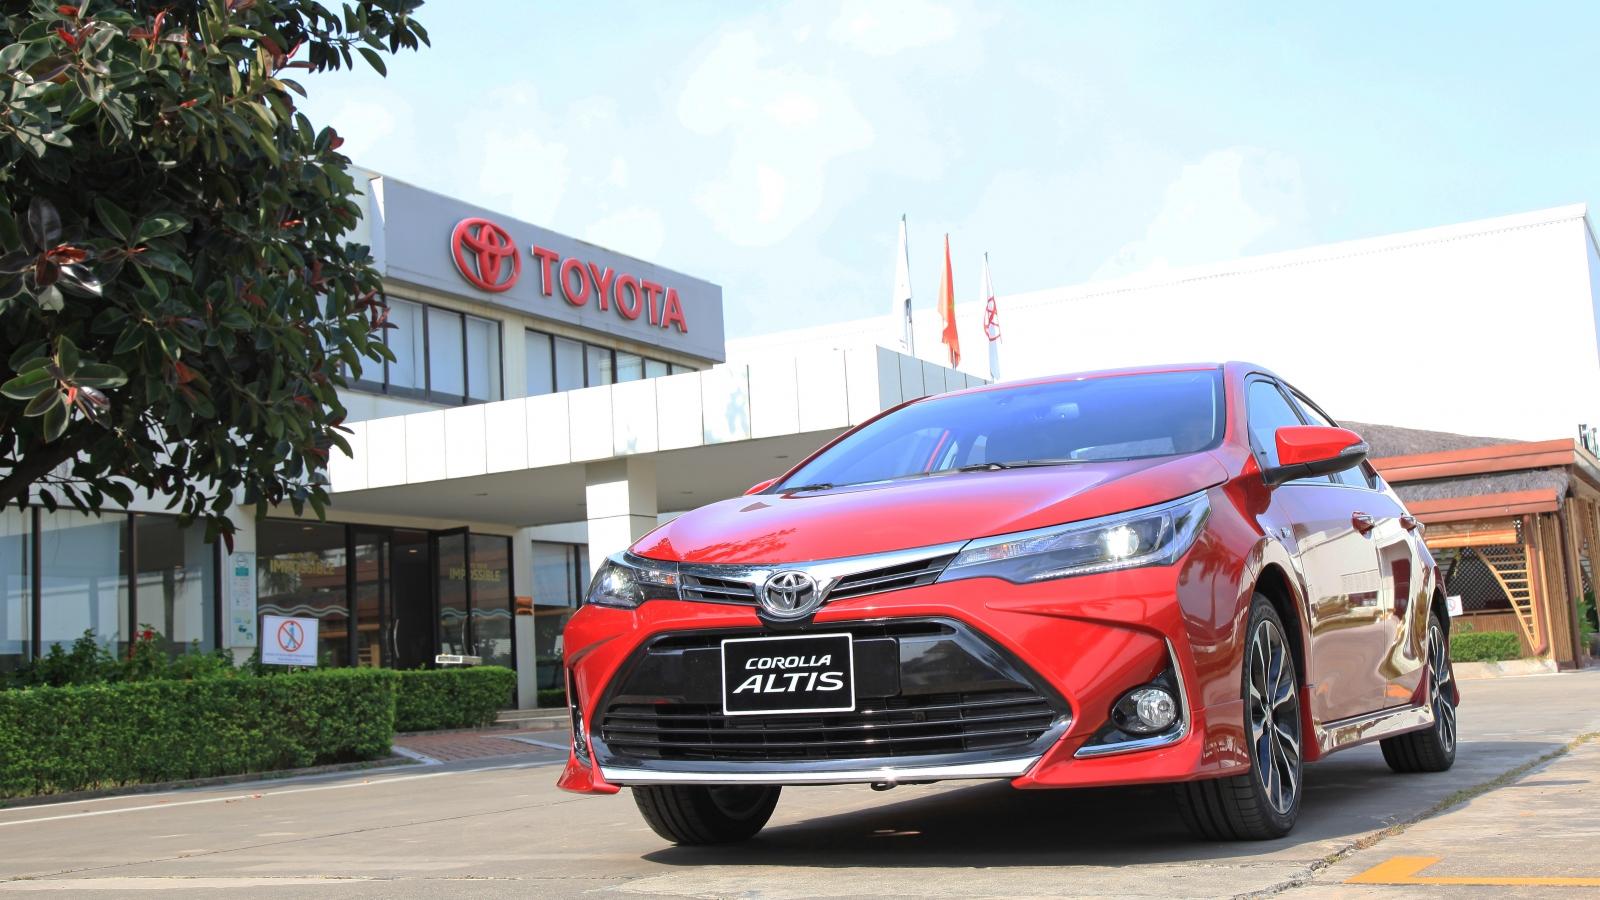 Corolla Altis huyền thoại của Toyota hấp dẫn hơn với ưu đãi trong tháng 10